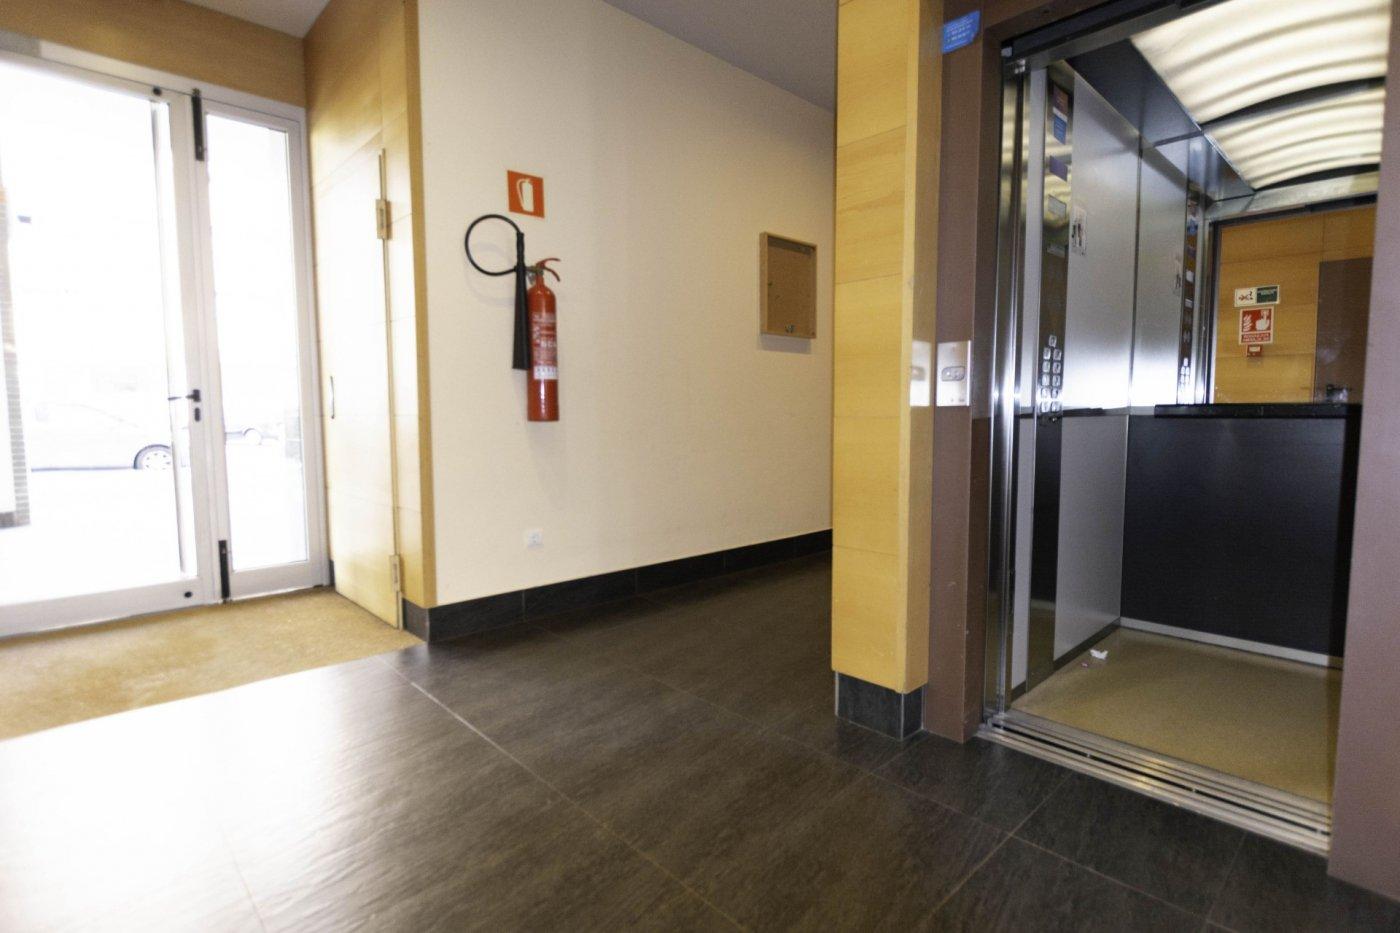 Venta de piso en oviedo - imagenInmueble9